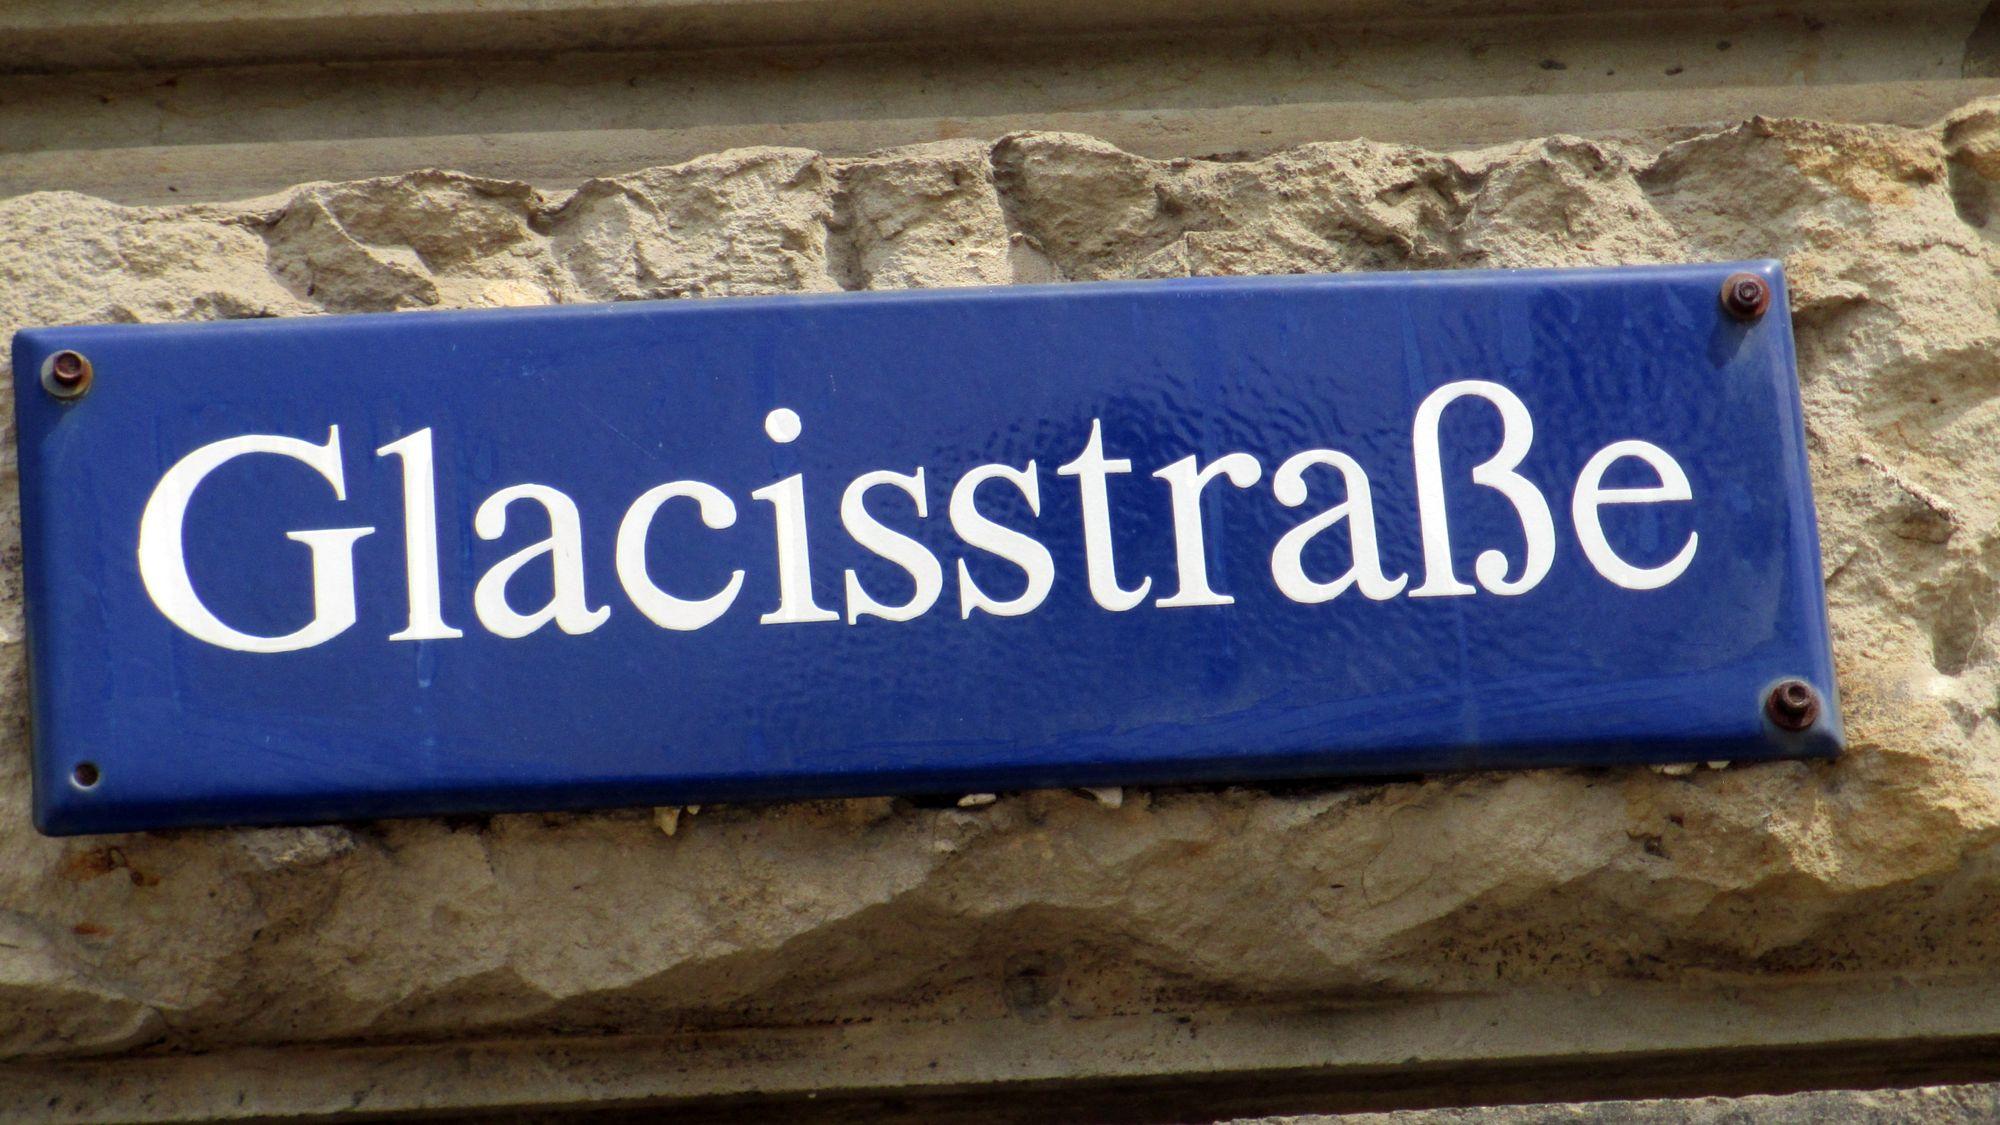 Die Glacisstraße hieß zu DDR-Zeiten nach dem italienischen Politiker Palmiro Togliatti